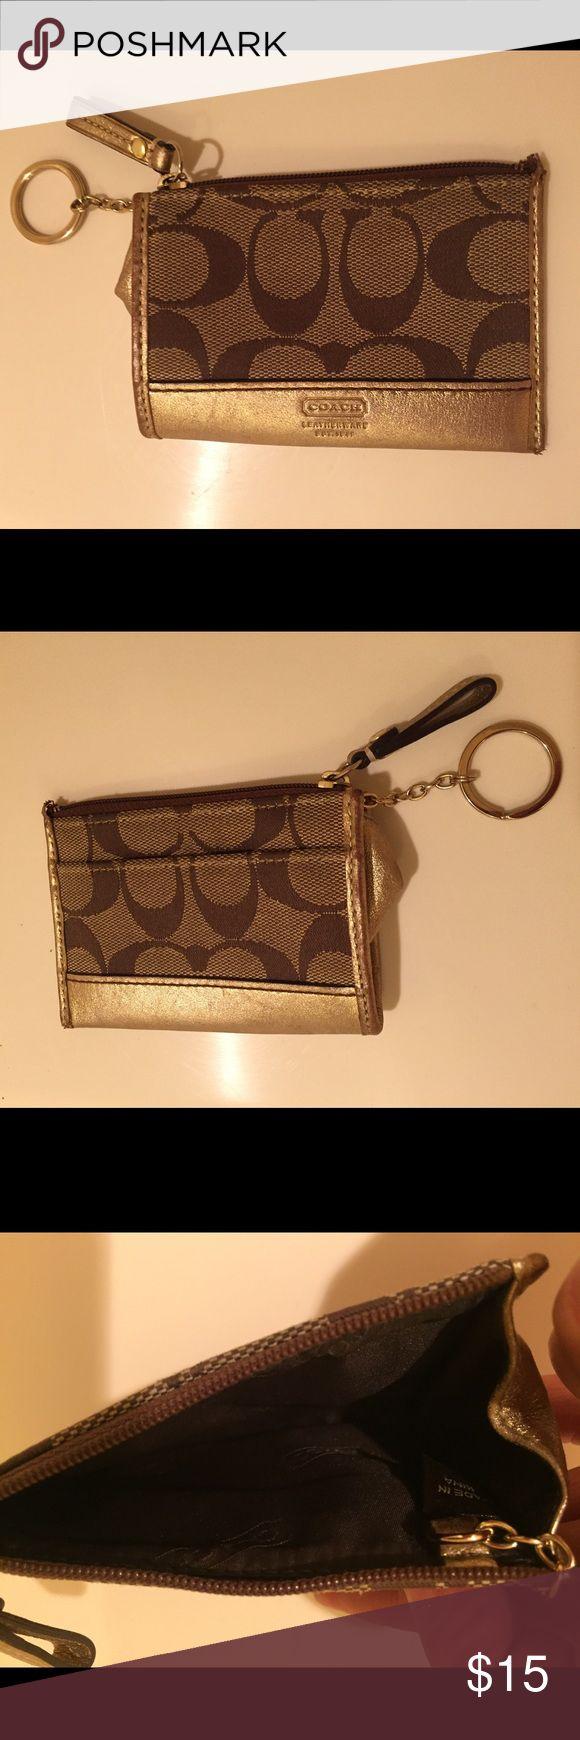 Coach Coin Purse Coach Coin Purse.Used in good condition. Coach Bags Mini Bags